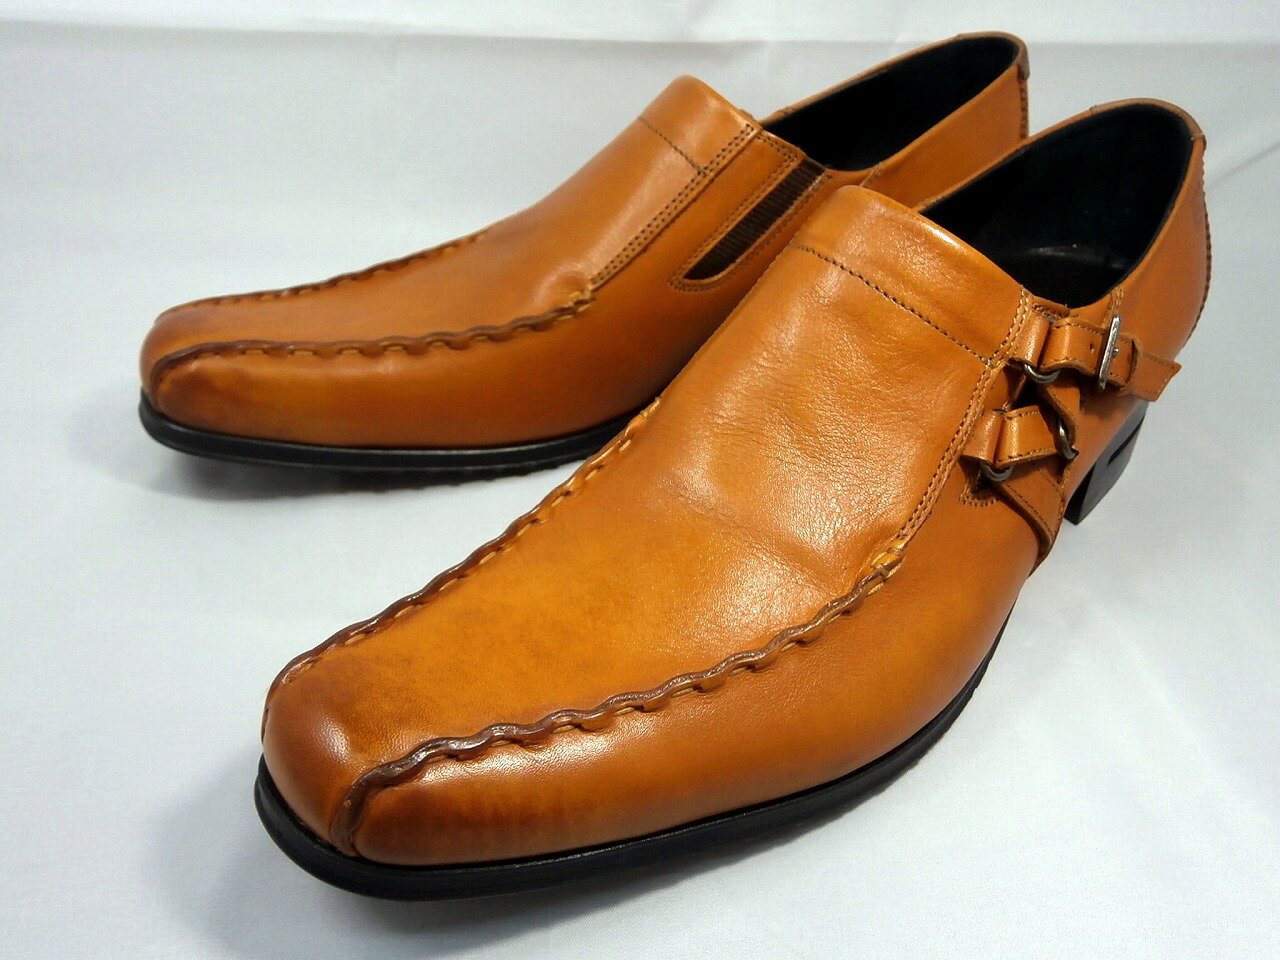 【17年秋の新製品】 キャサリンハムネット キップ革サイドベルトスワールモカ 31554(ブラウン) KATHARINE HAMNETT メンズ 紳士靴【ポイント10倍】